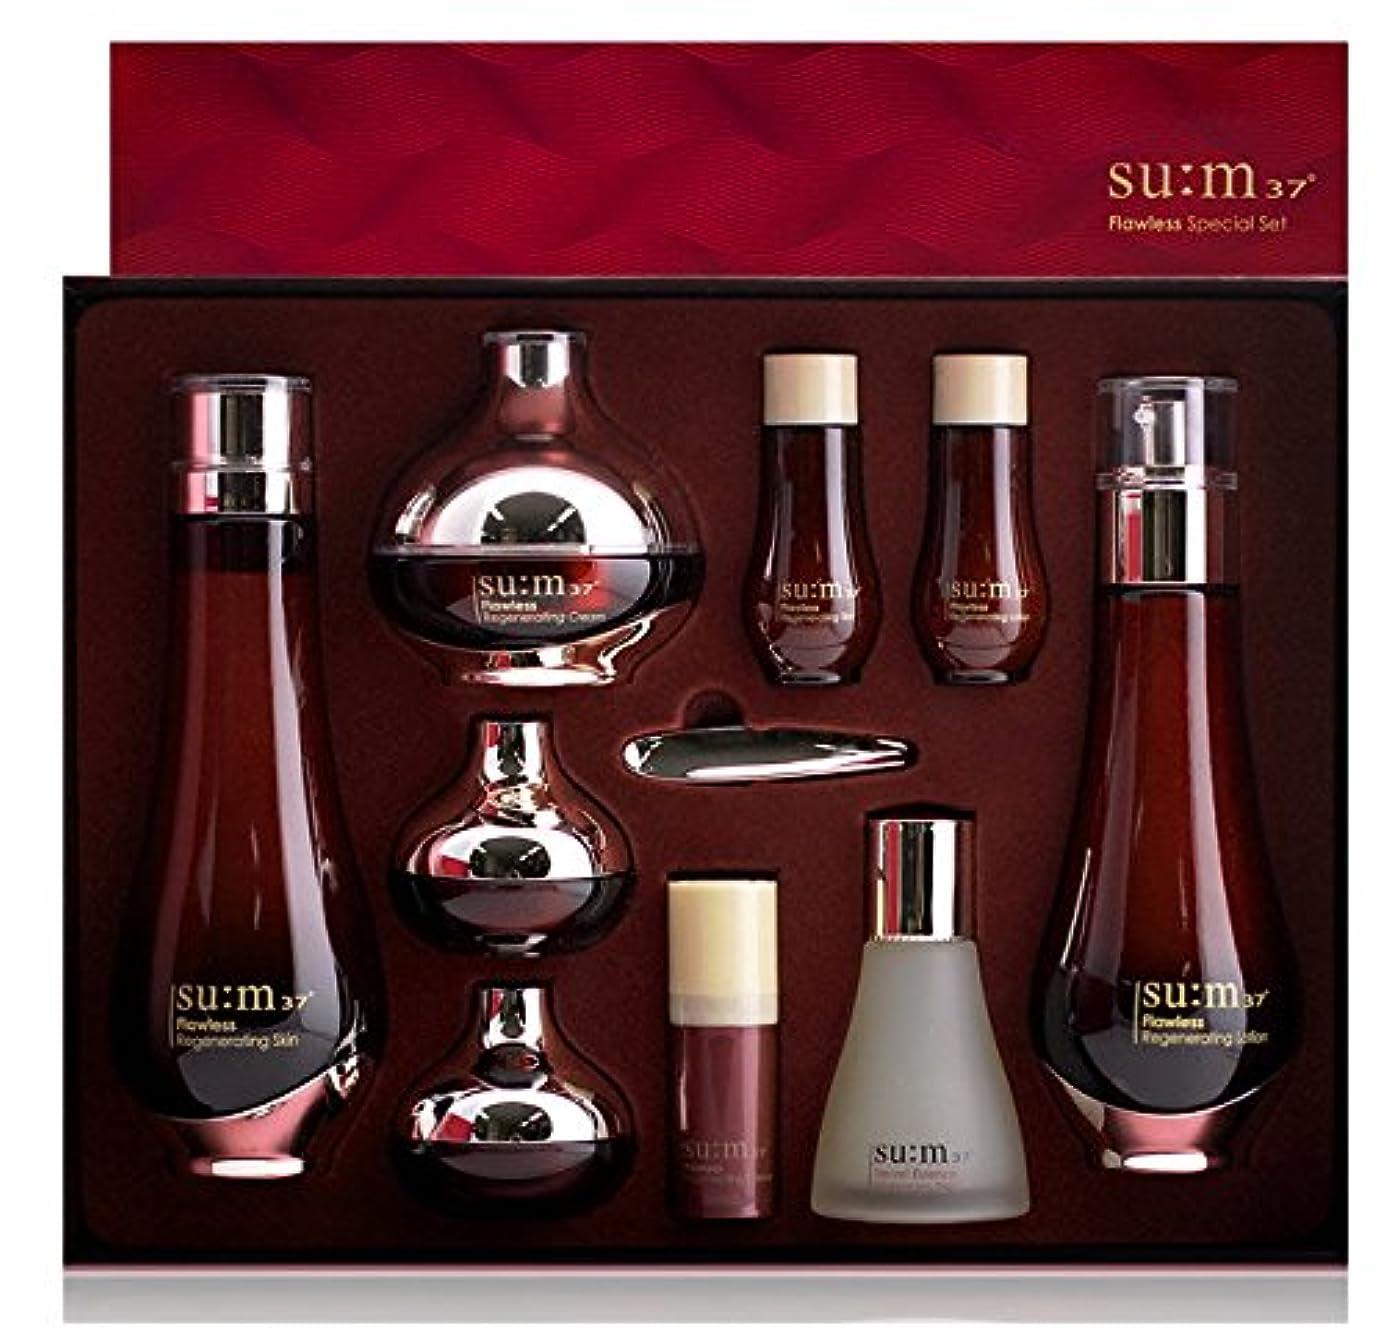 背の高いなめらかな確かめる[su:m37/スム37°]Flawless 3pcs Special Limited Skincare Set/フローレス3種のスキンケアセット + [Sample Gift](海外直送品)